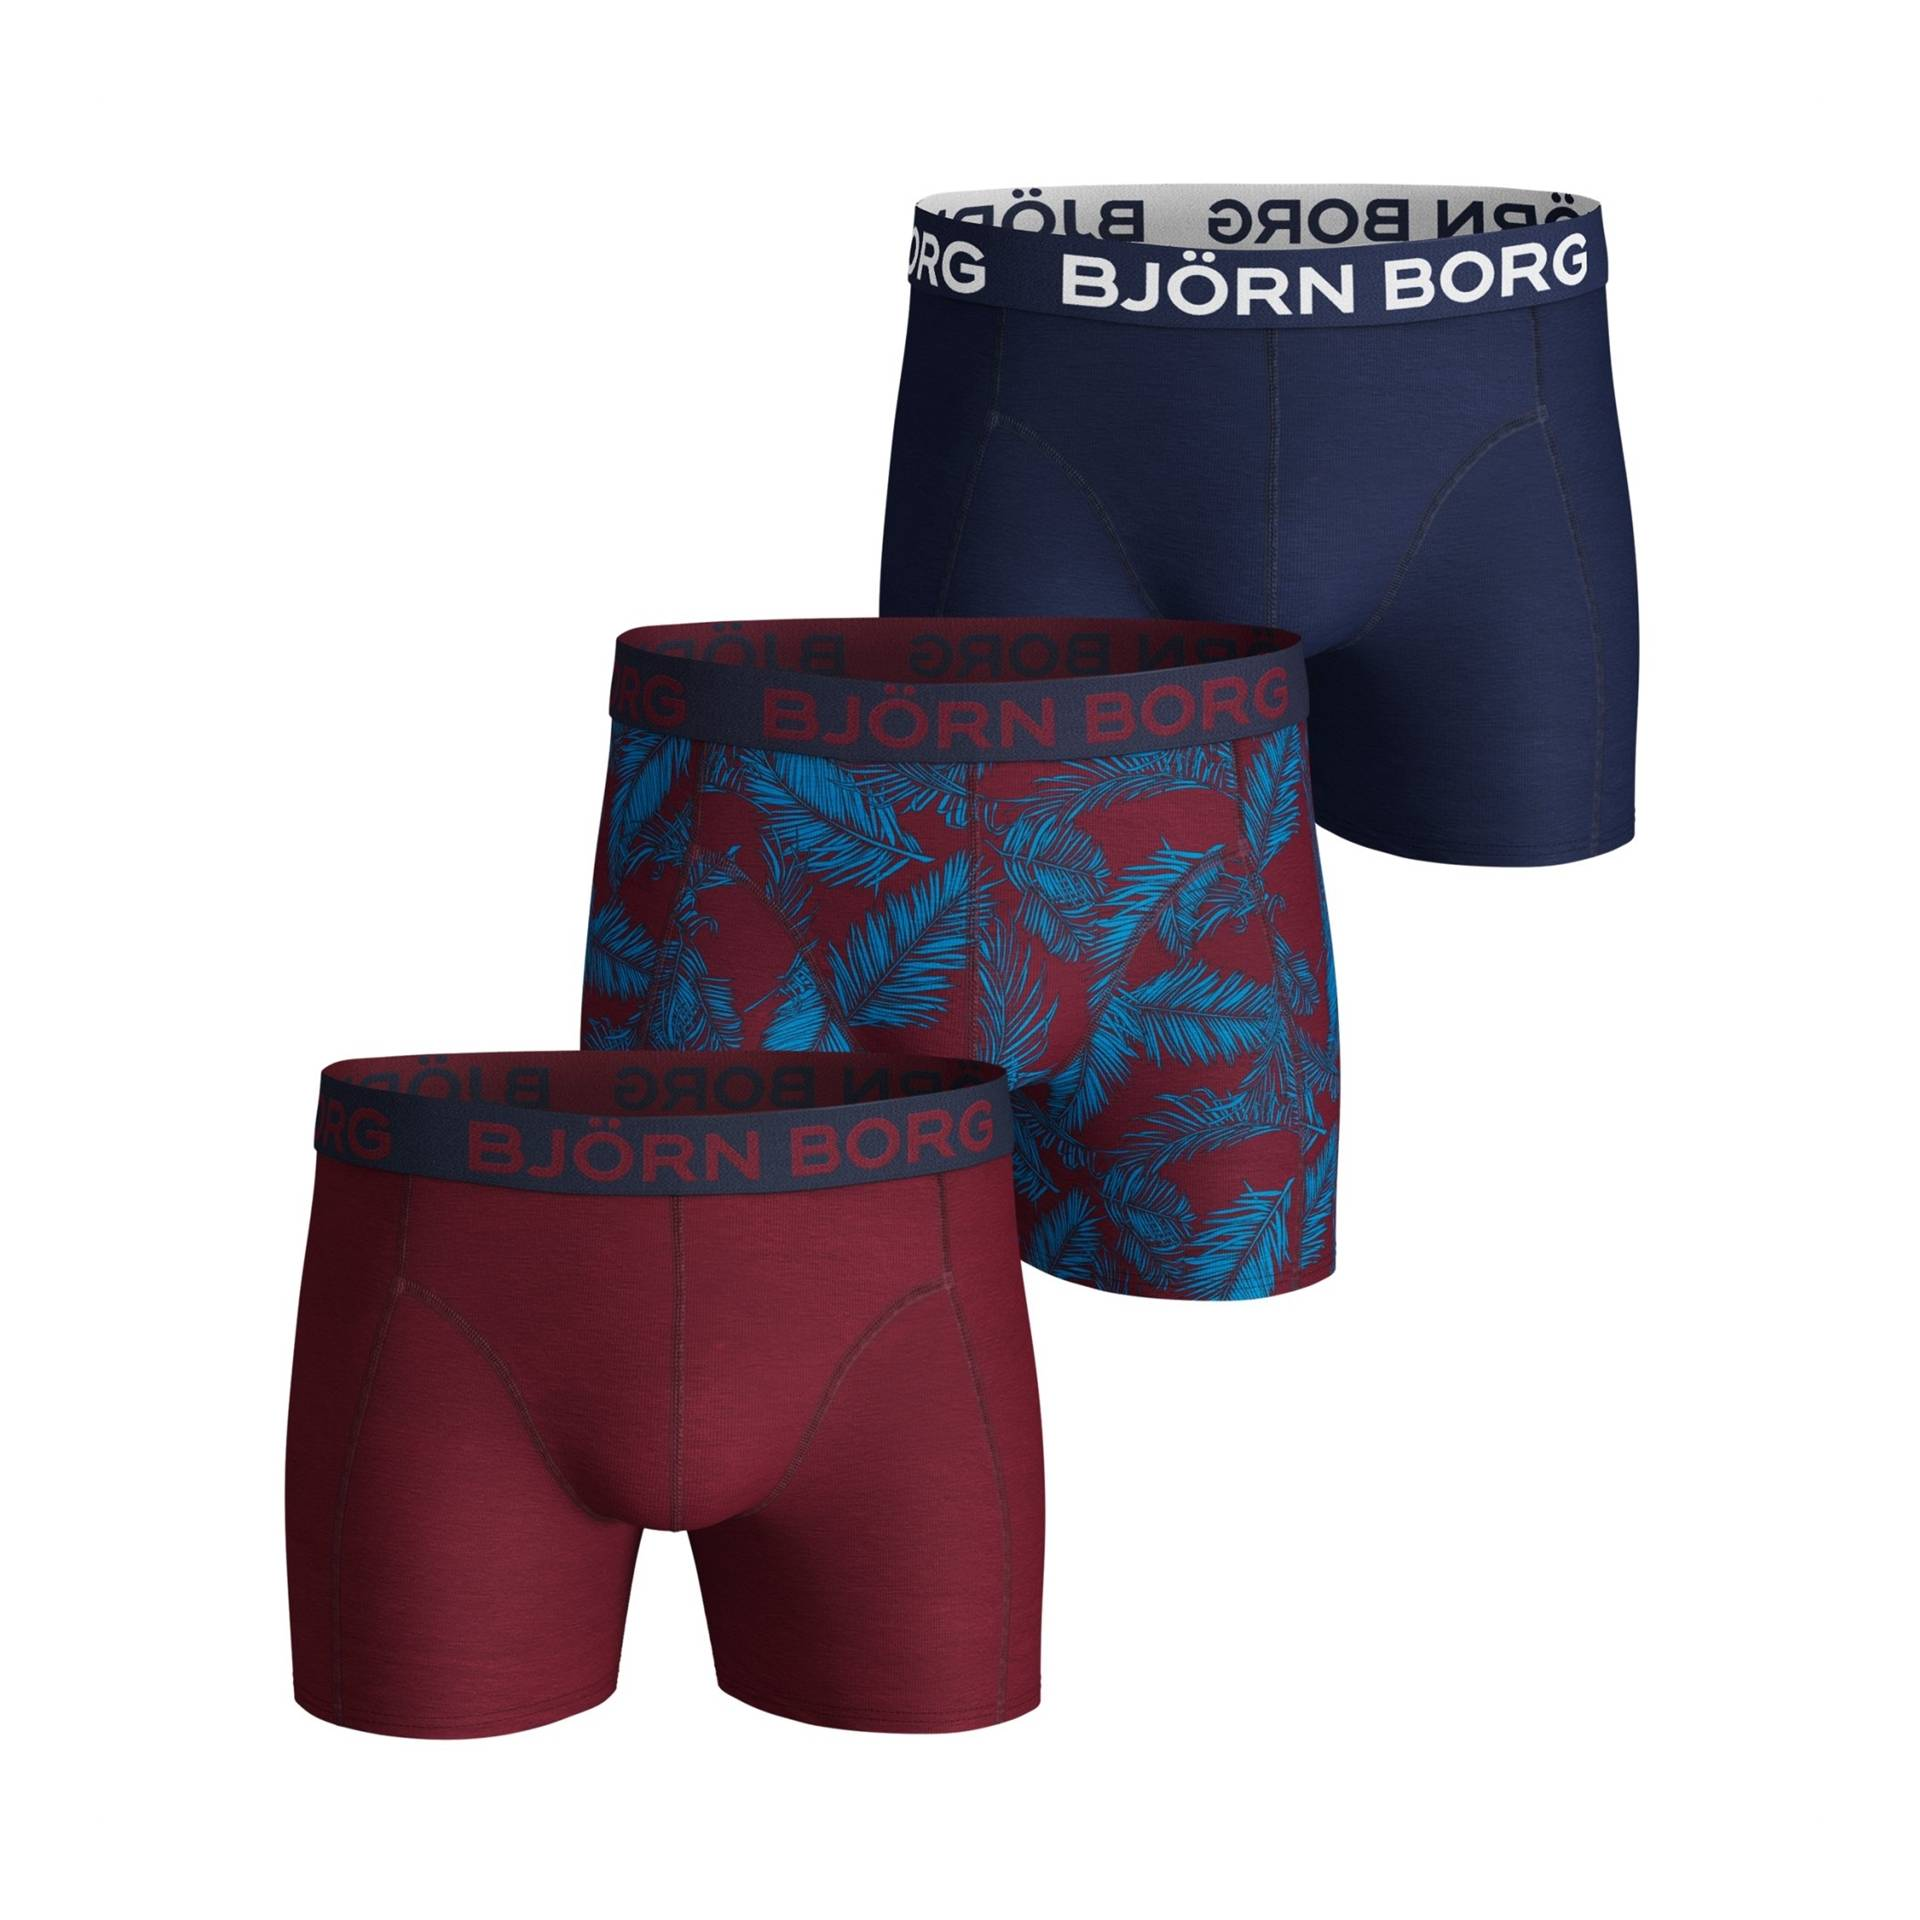 Björn Borg NY Palmleaf Sammy Shorts 3-pack XL